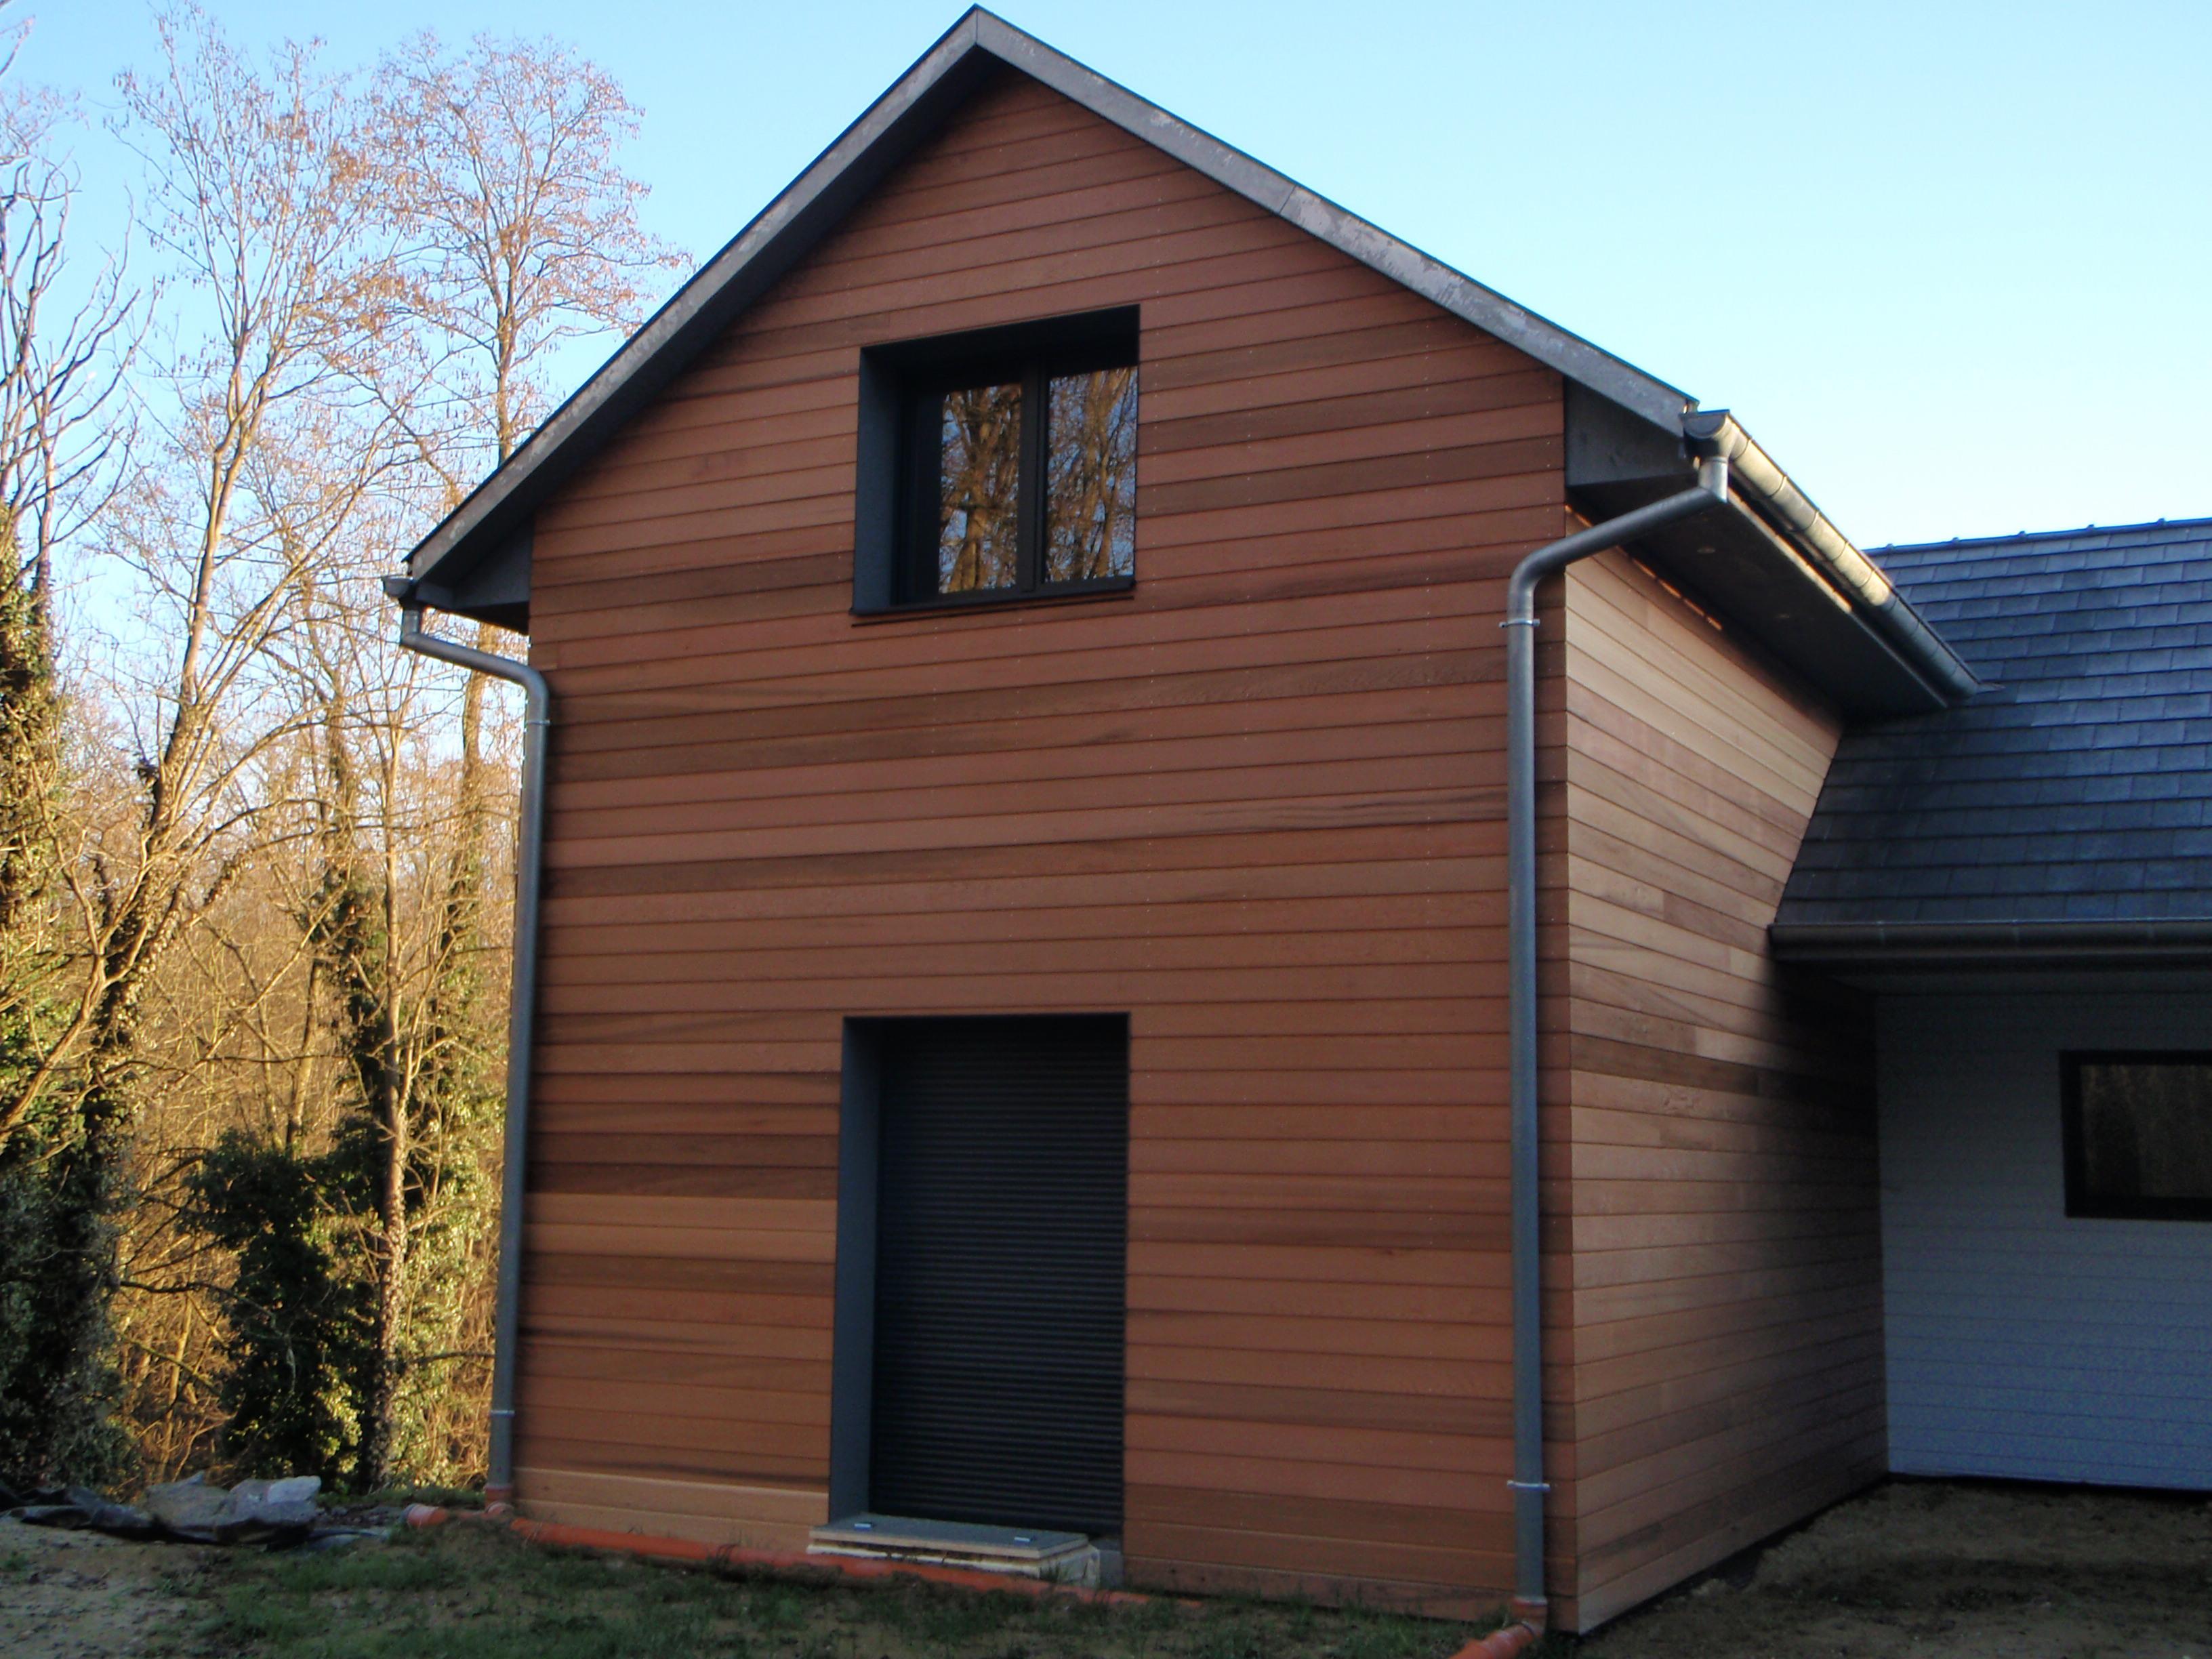 Maison ossature bois et m l ze abt construction bois for Bardage fundermax ossature bois